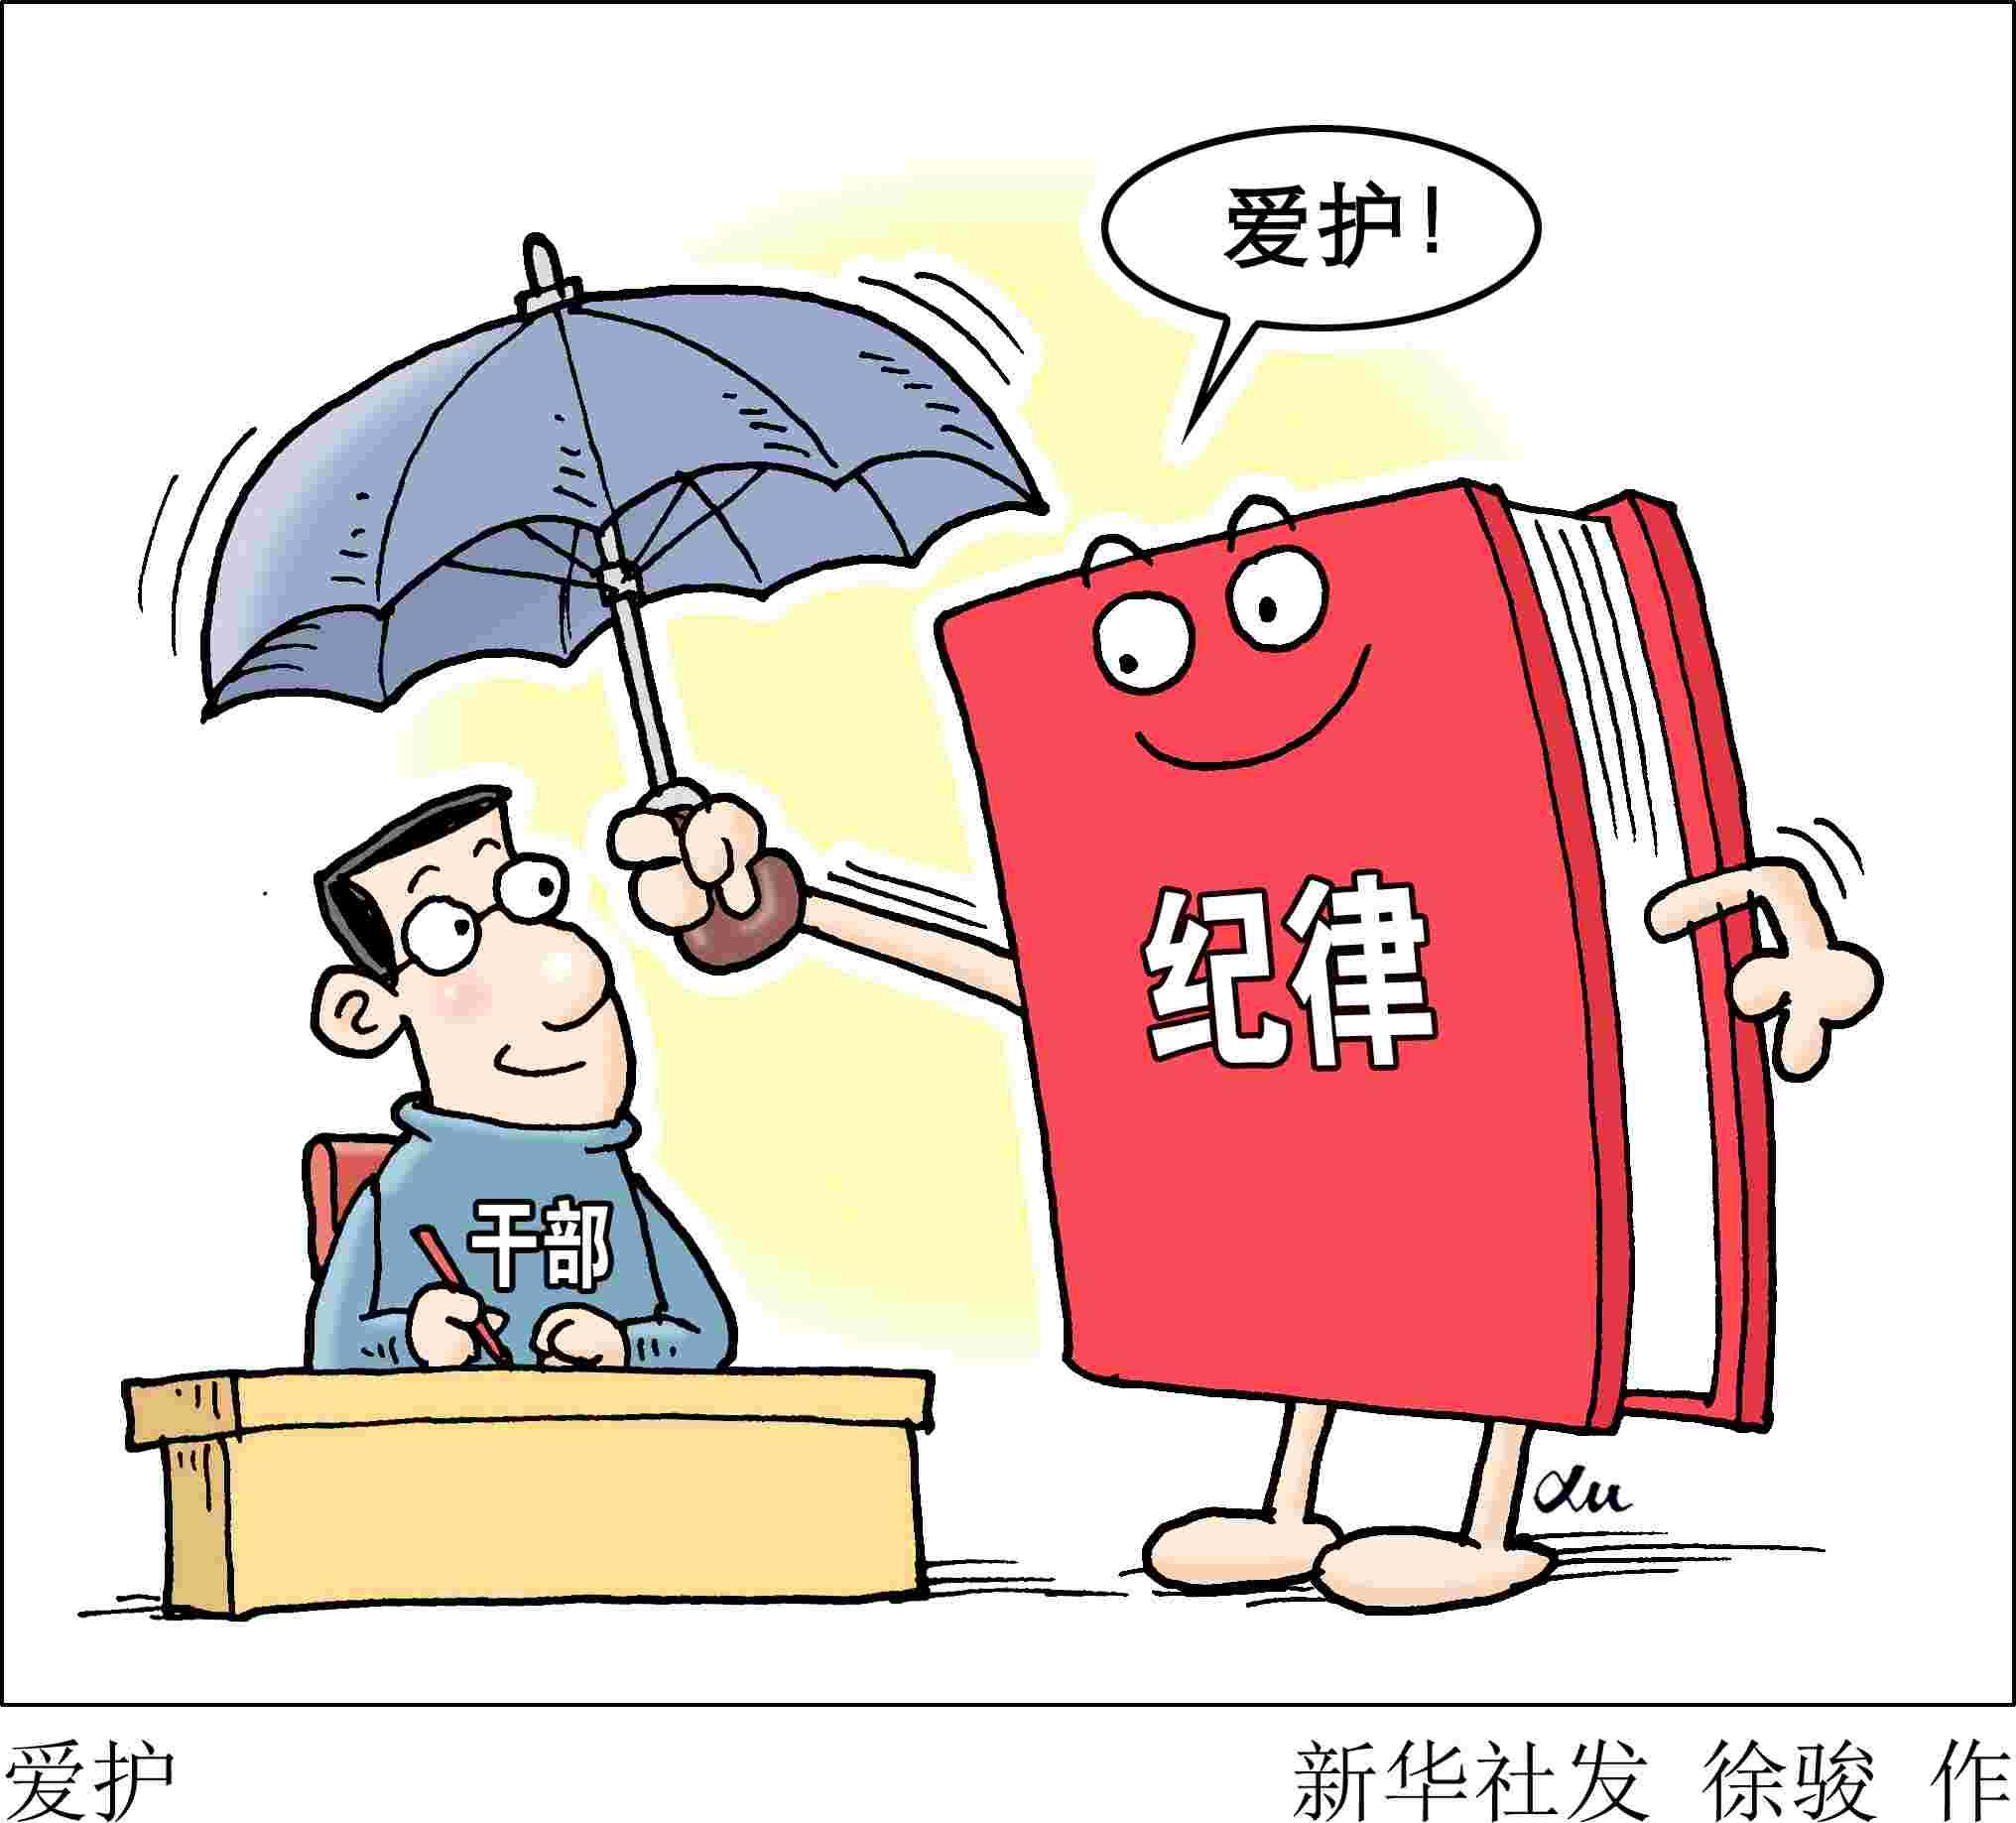 (锐漫画)从形态表达看四种三个--中纪委v漫画节漫画类a图片